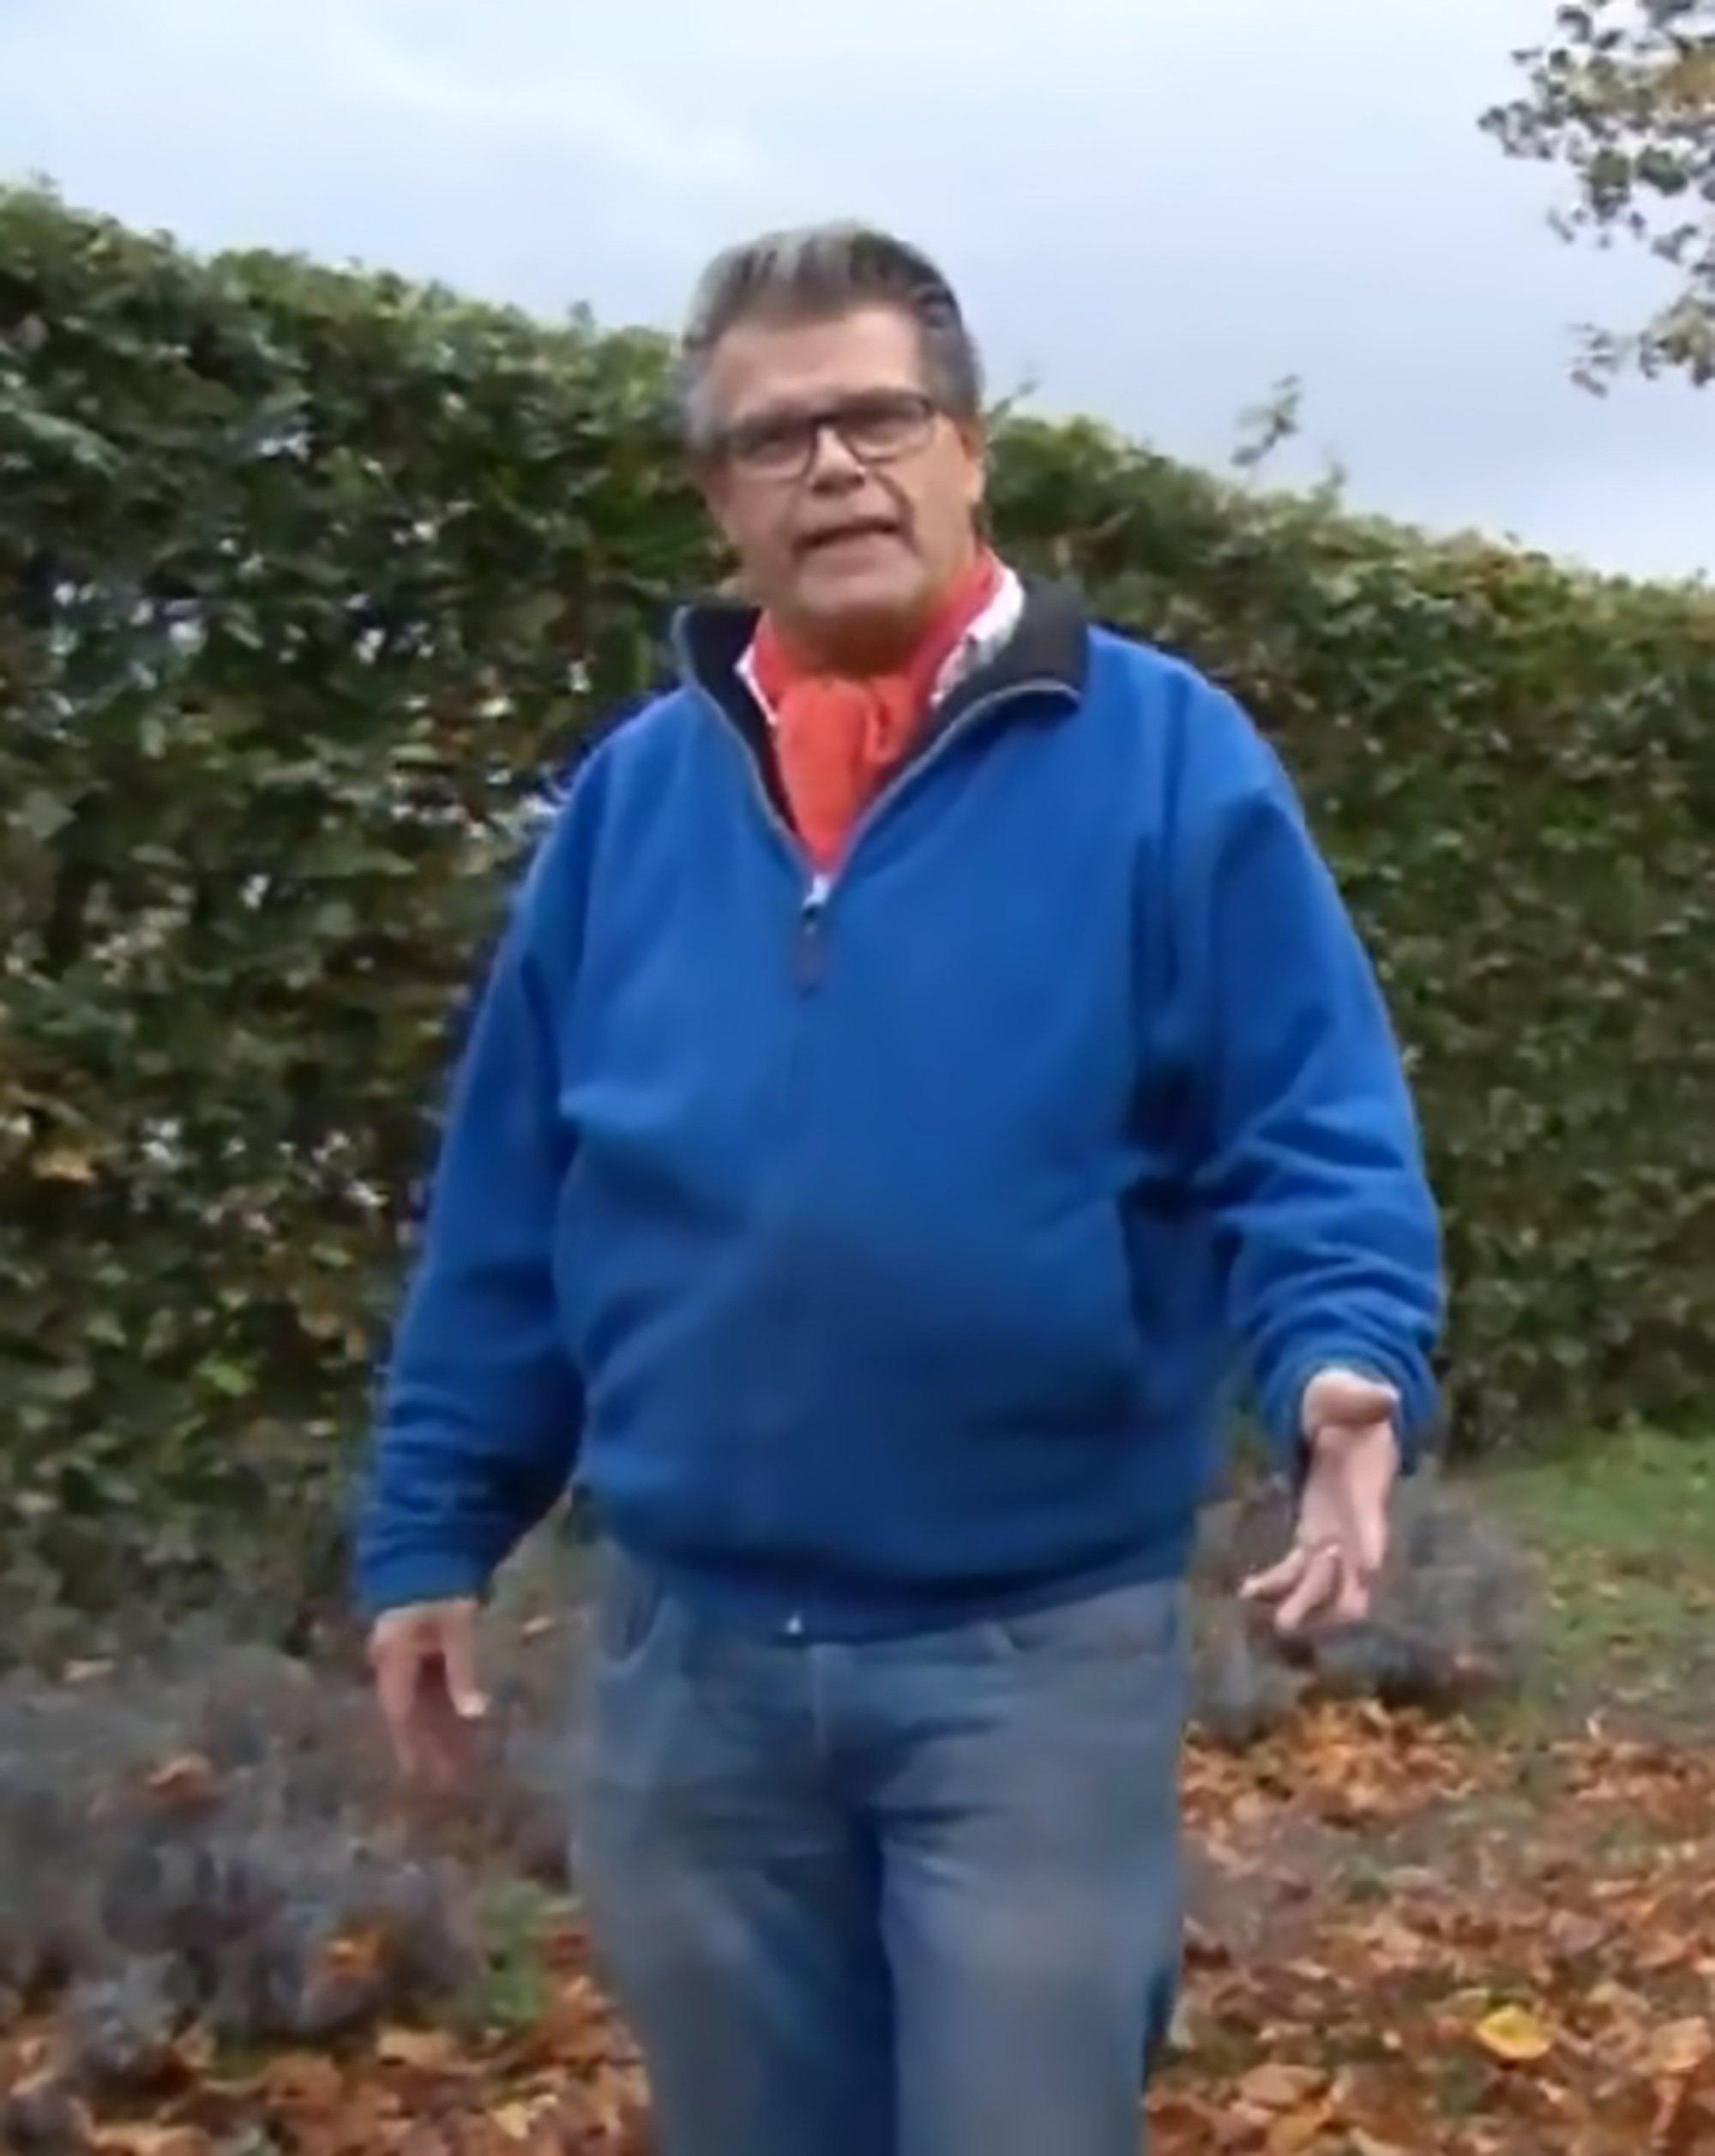 69-летний мужик хочет «изменить» свой возраст, чтобы стать «49-тилетним»